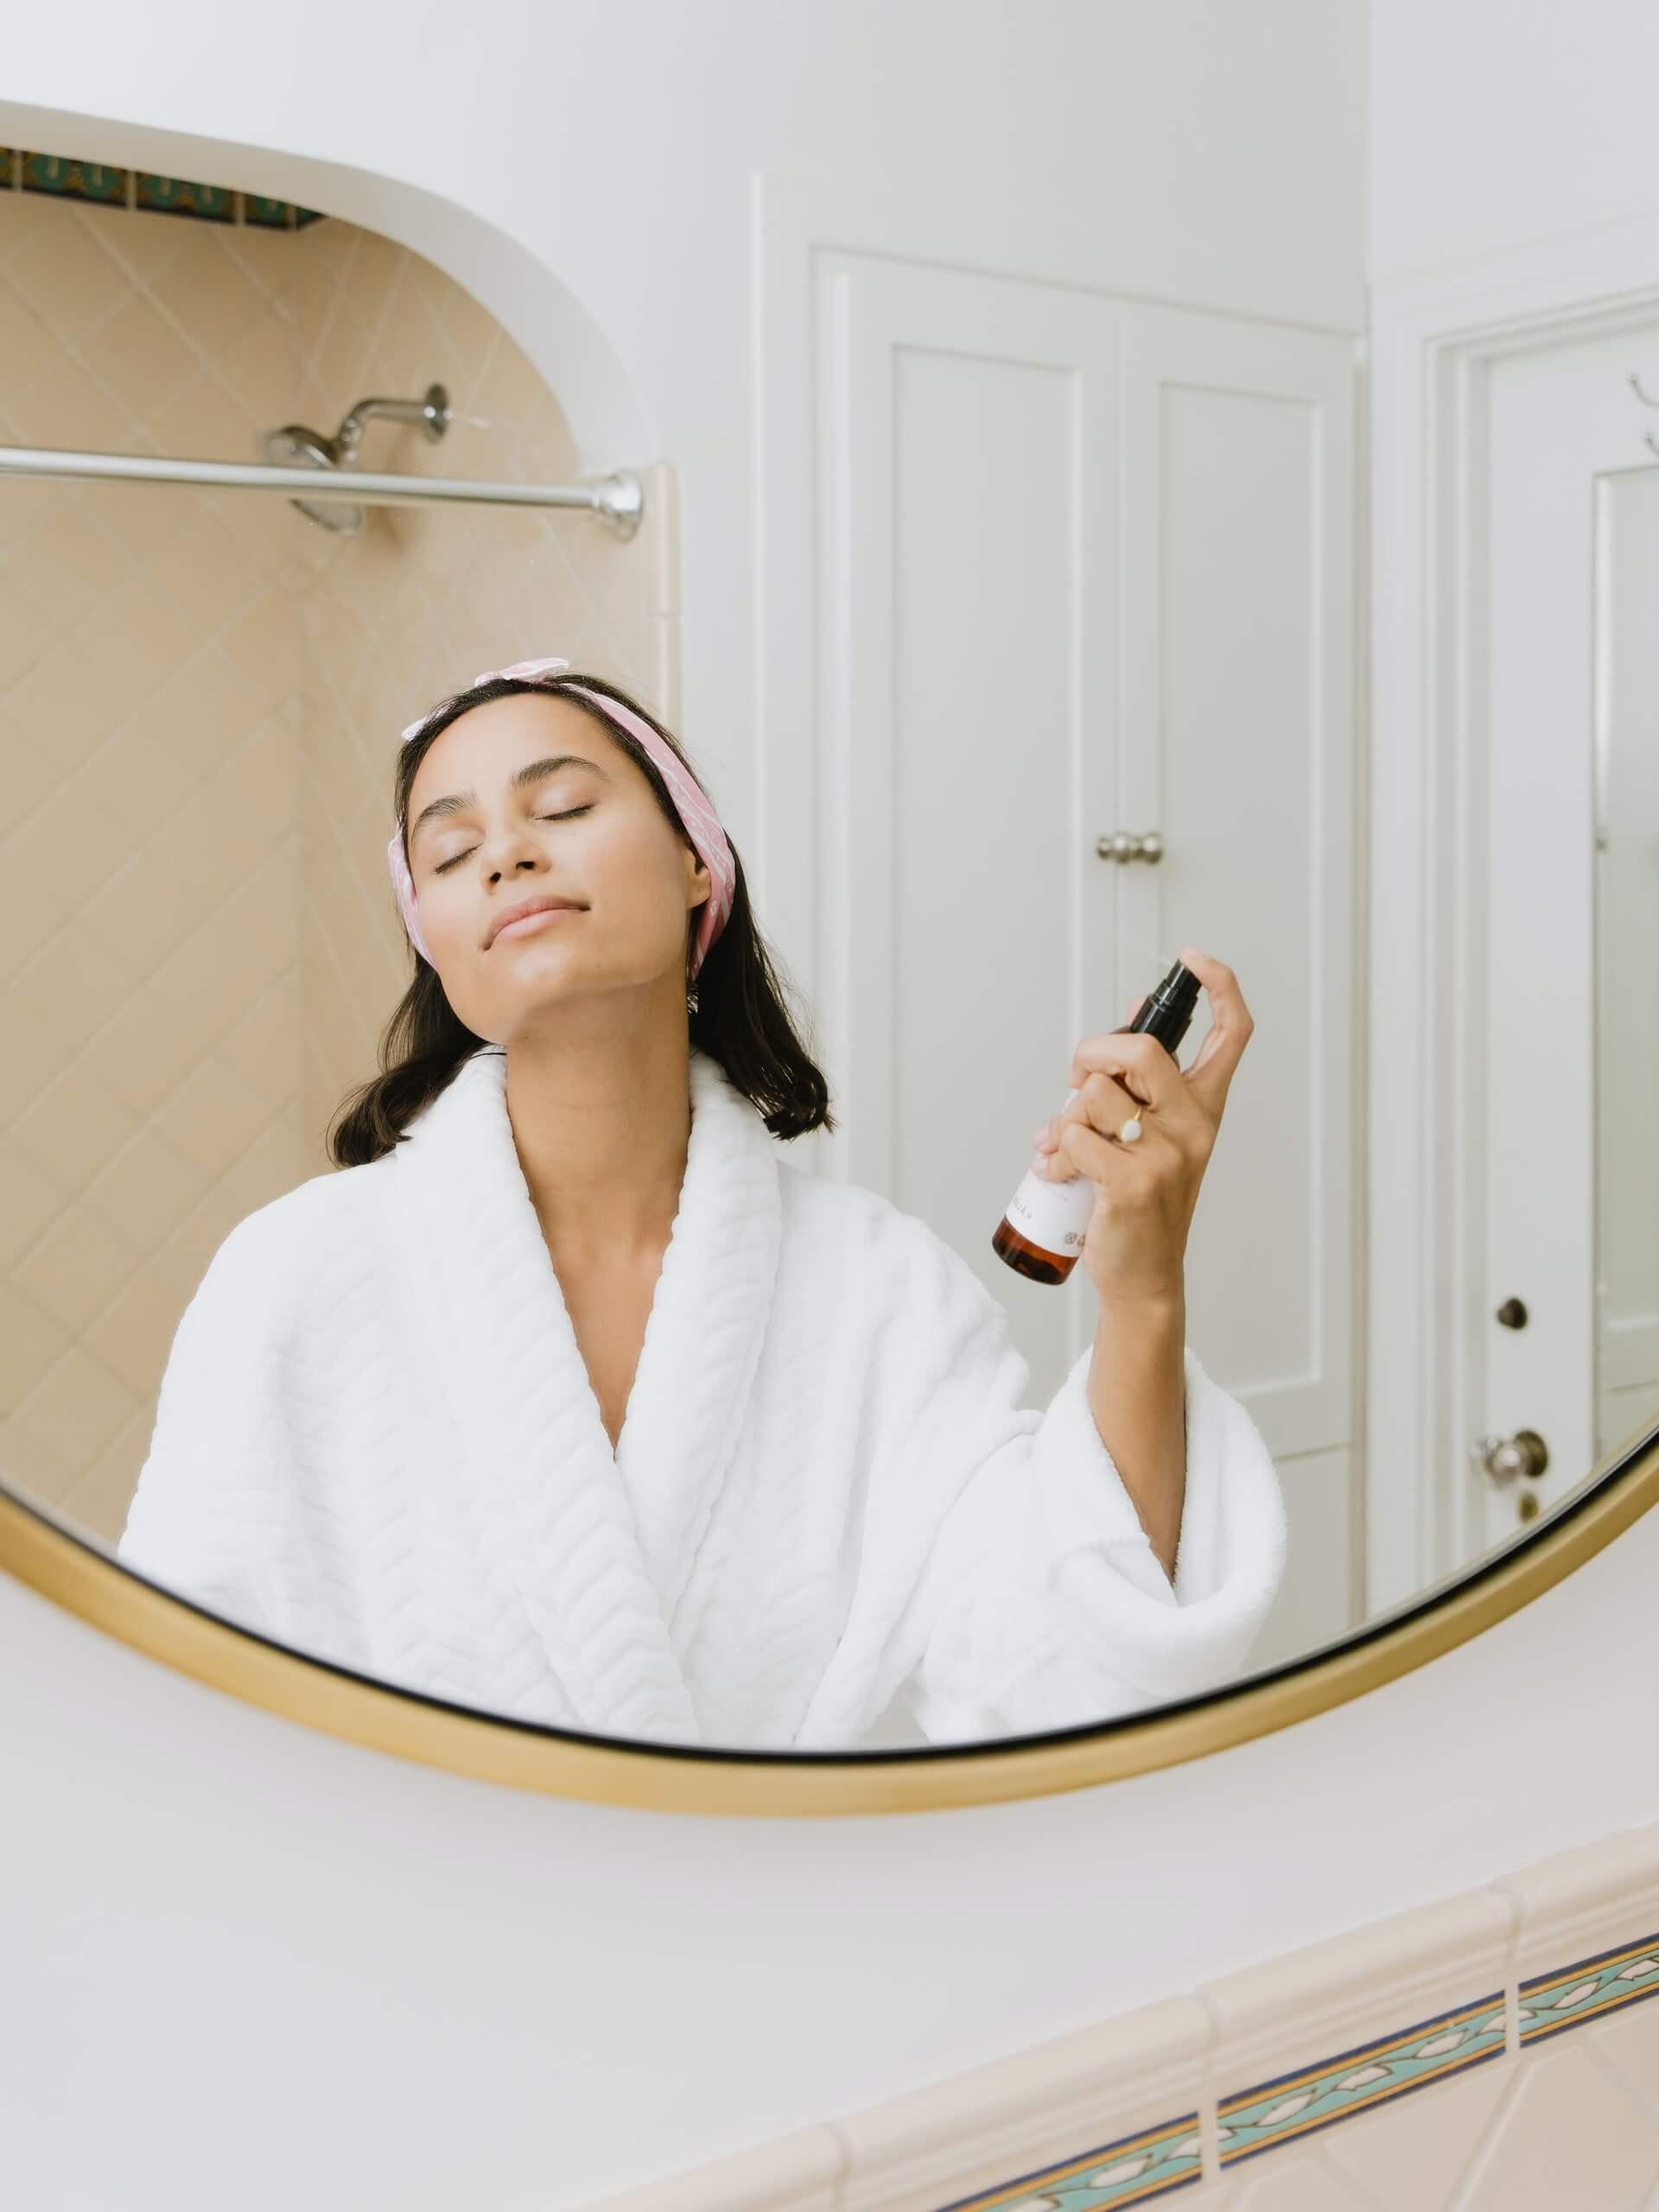 peau, visage, miroir, soin, produit, robe de chambre